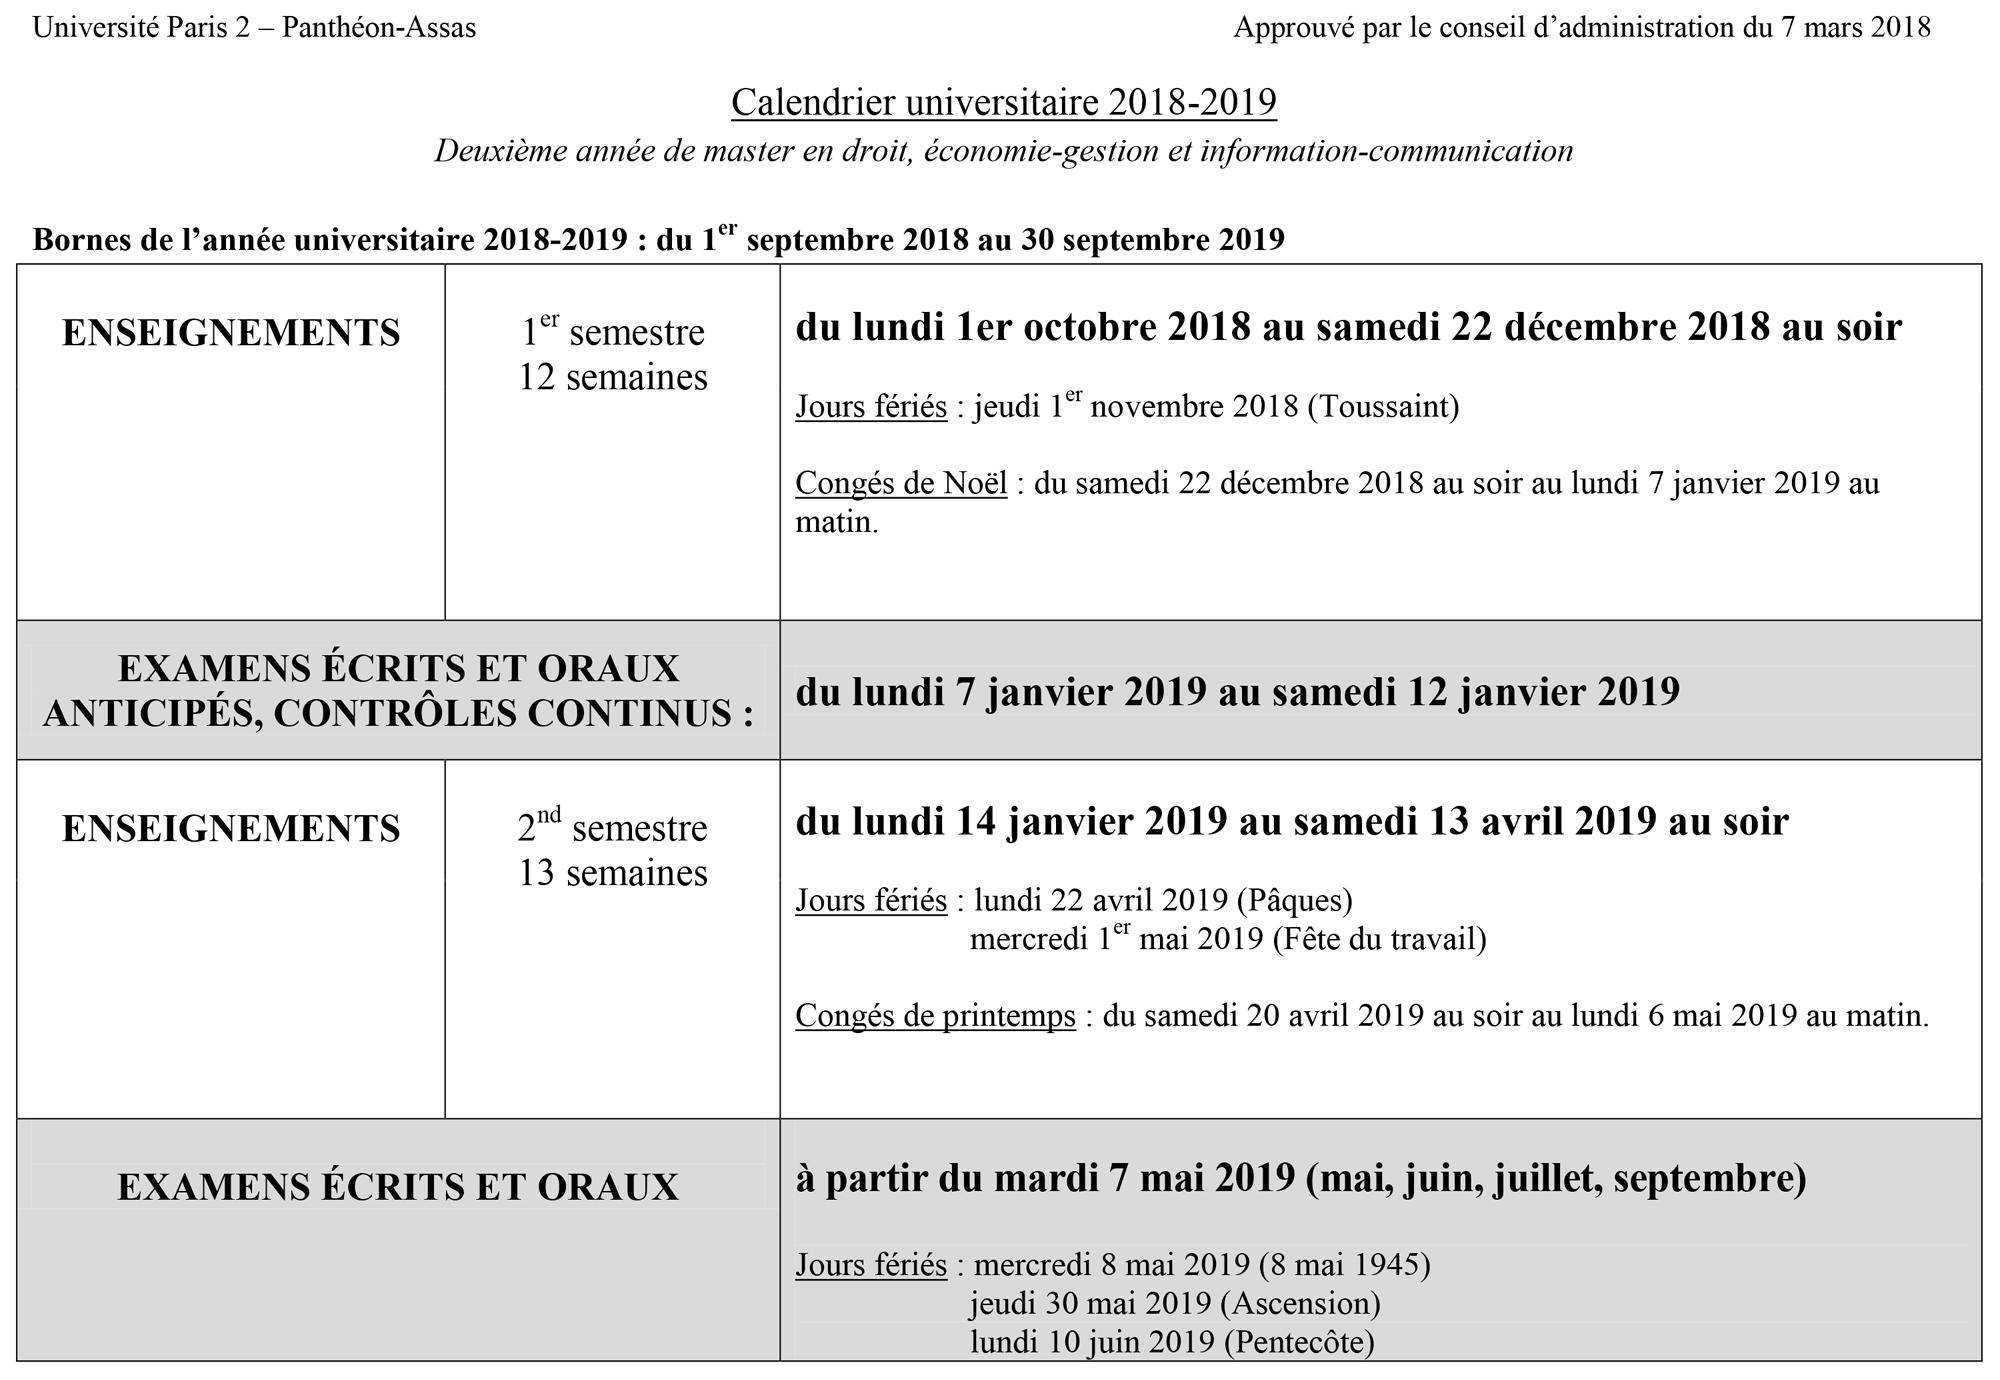 Calendrier universitaire 2018-2019 Deuxième année de master en droit, économie-gestion et information-communication